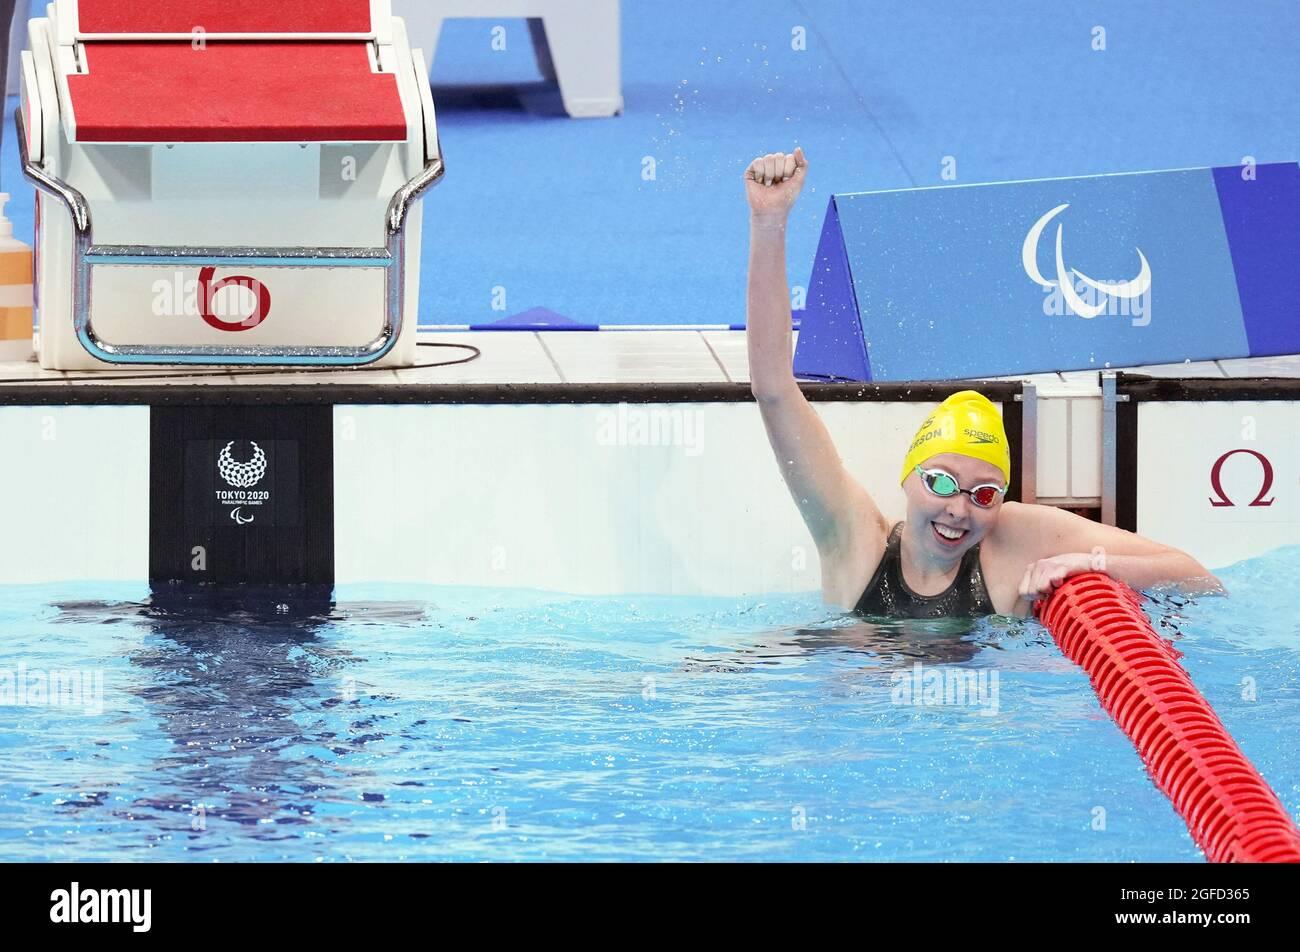 Tokio, Japan. August 2021. Patterson Lakeisha aus Australien feiert nach dem 400-m-Freistil-S9-Finale der Frau beim Schwimmen bei den Paralympischen Spielen 2020 in Tokio, Japan, am 25. August 2021. Quelle: Cai Yang/Xinhua/Alamy Live News Stockfoto